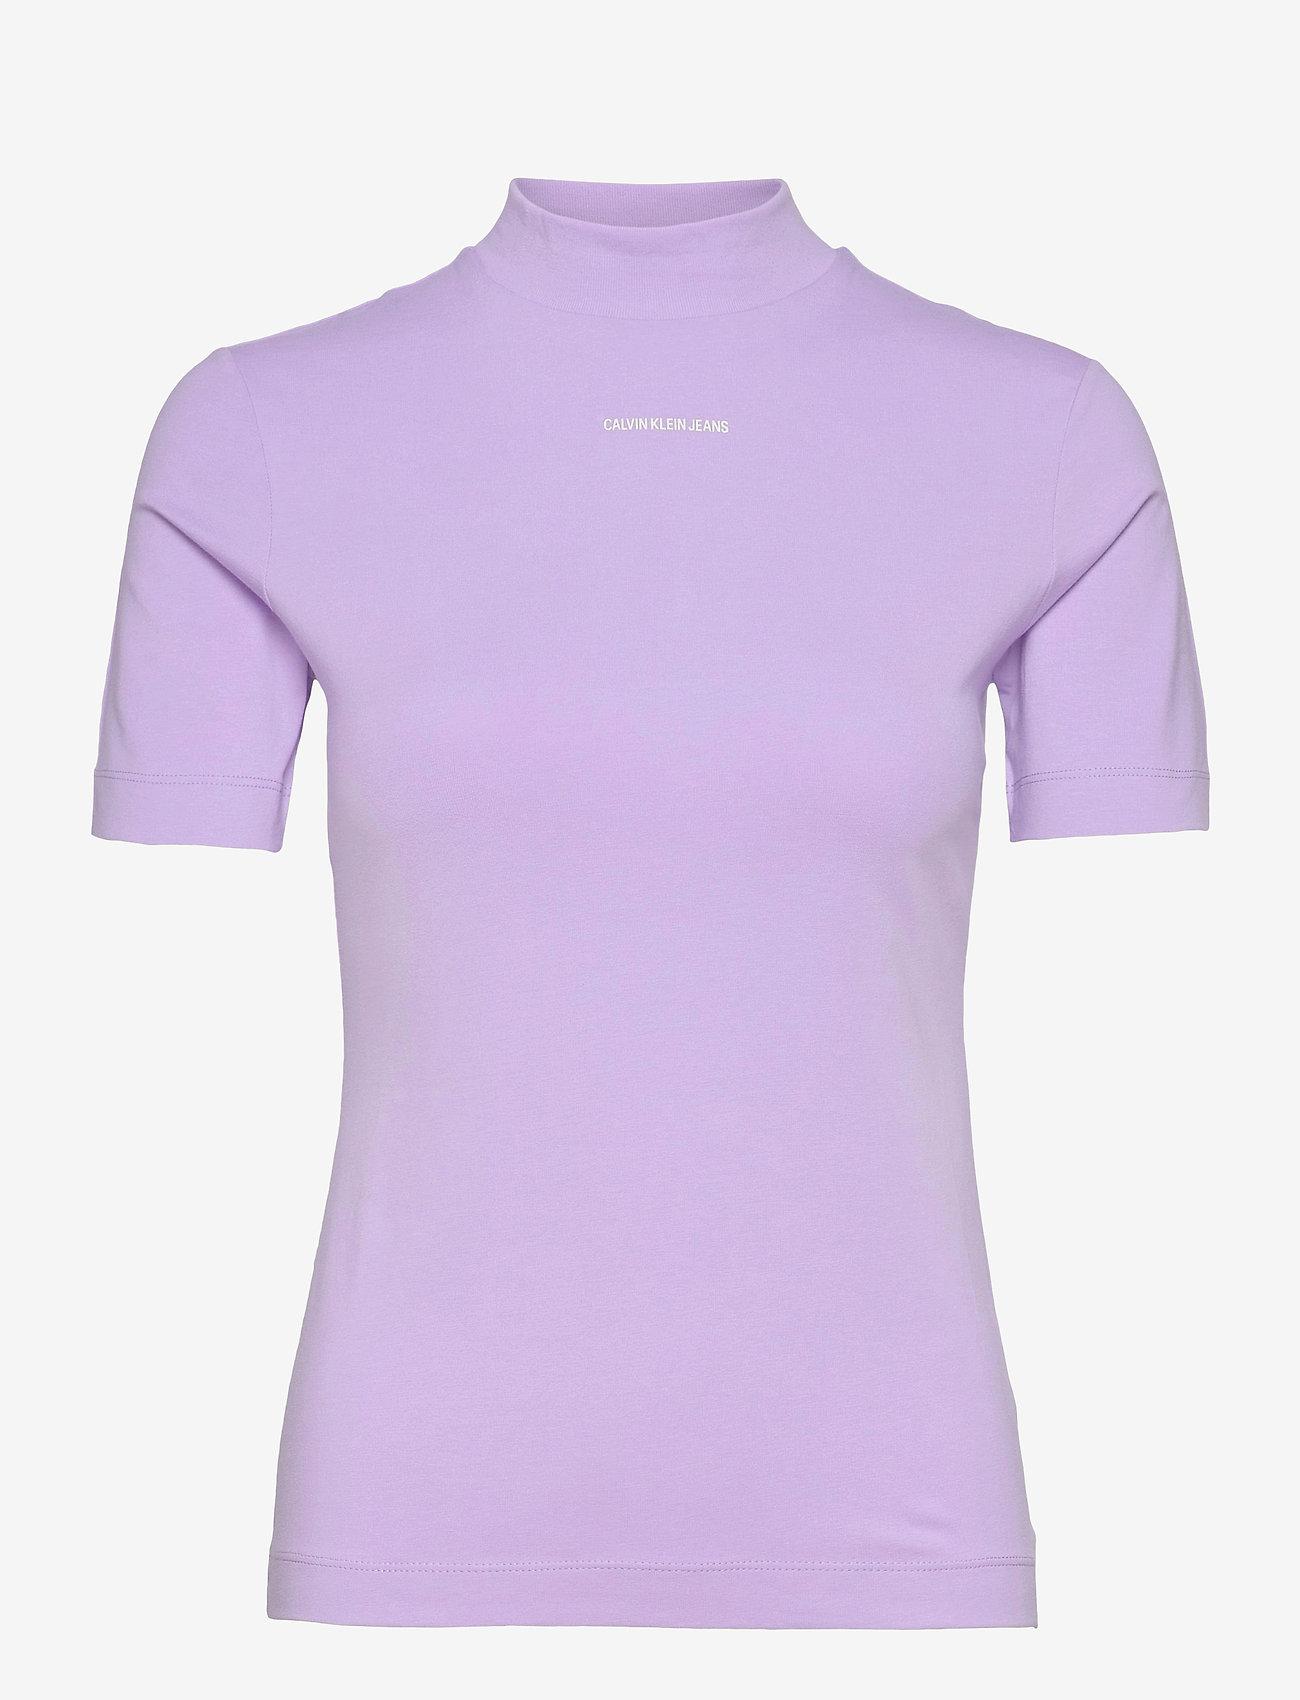 Calvin Klein Jeans - MICRO BRANDING STRETCH MOCK NECK - t-shirts - palma lilac - 0